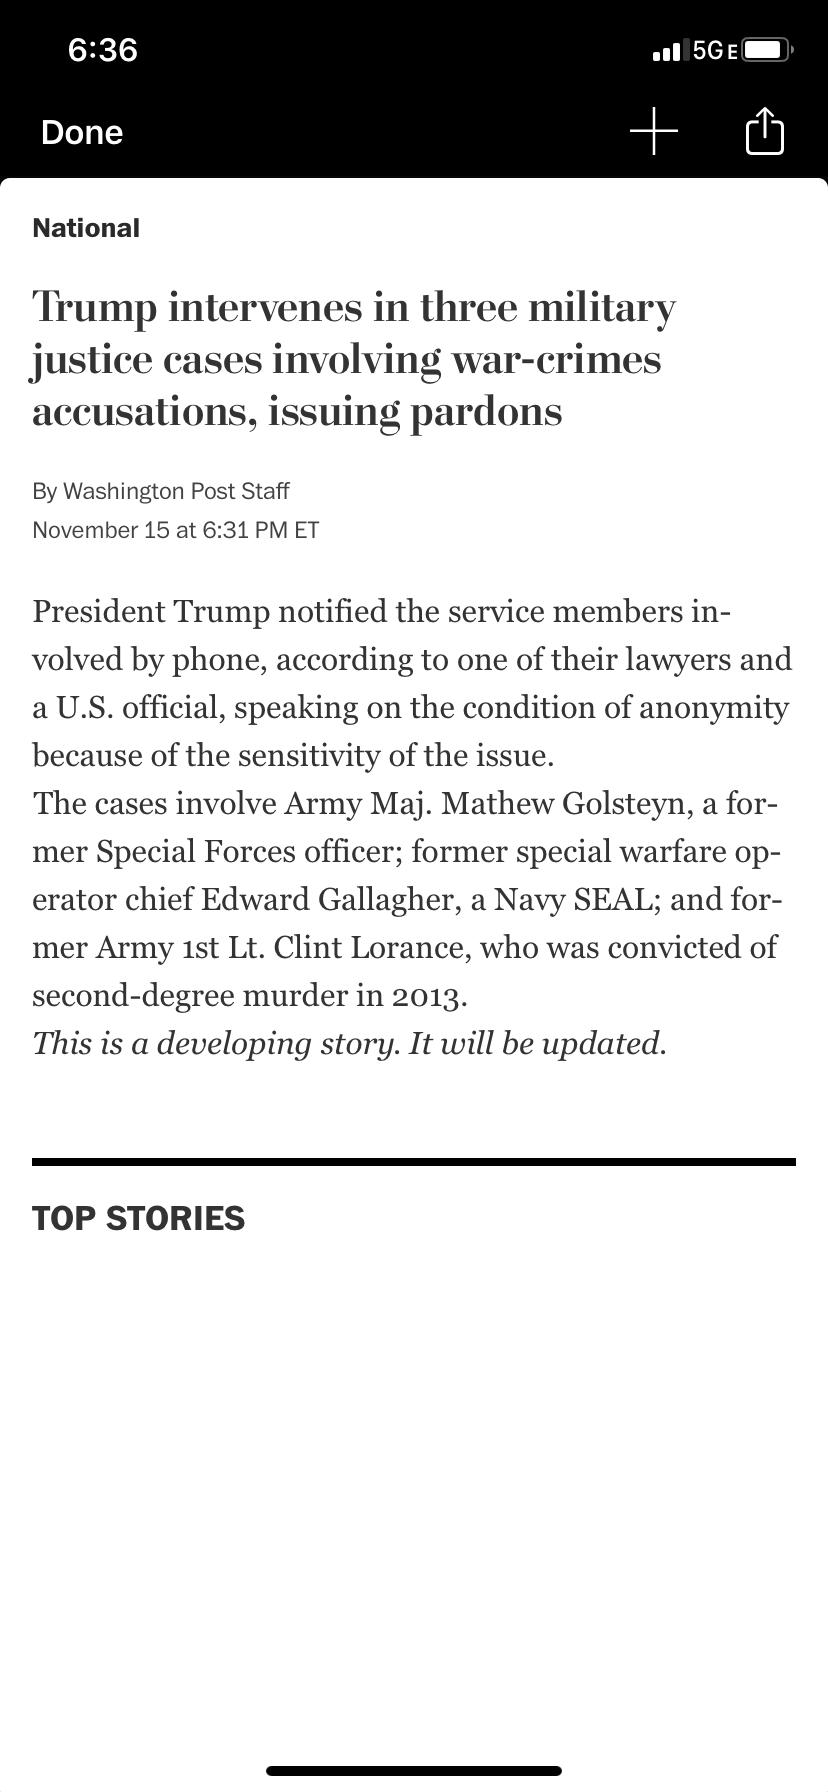 wapo reporting pardons